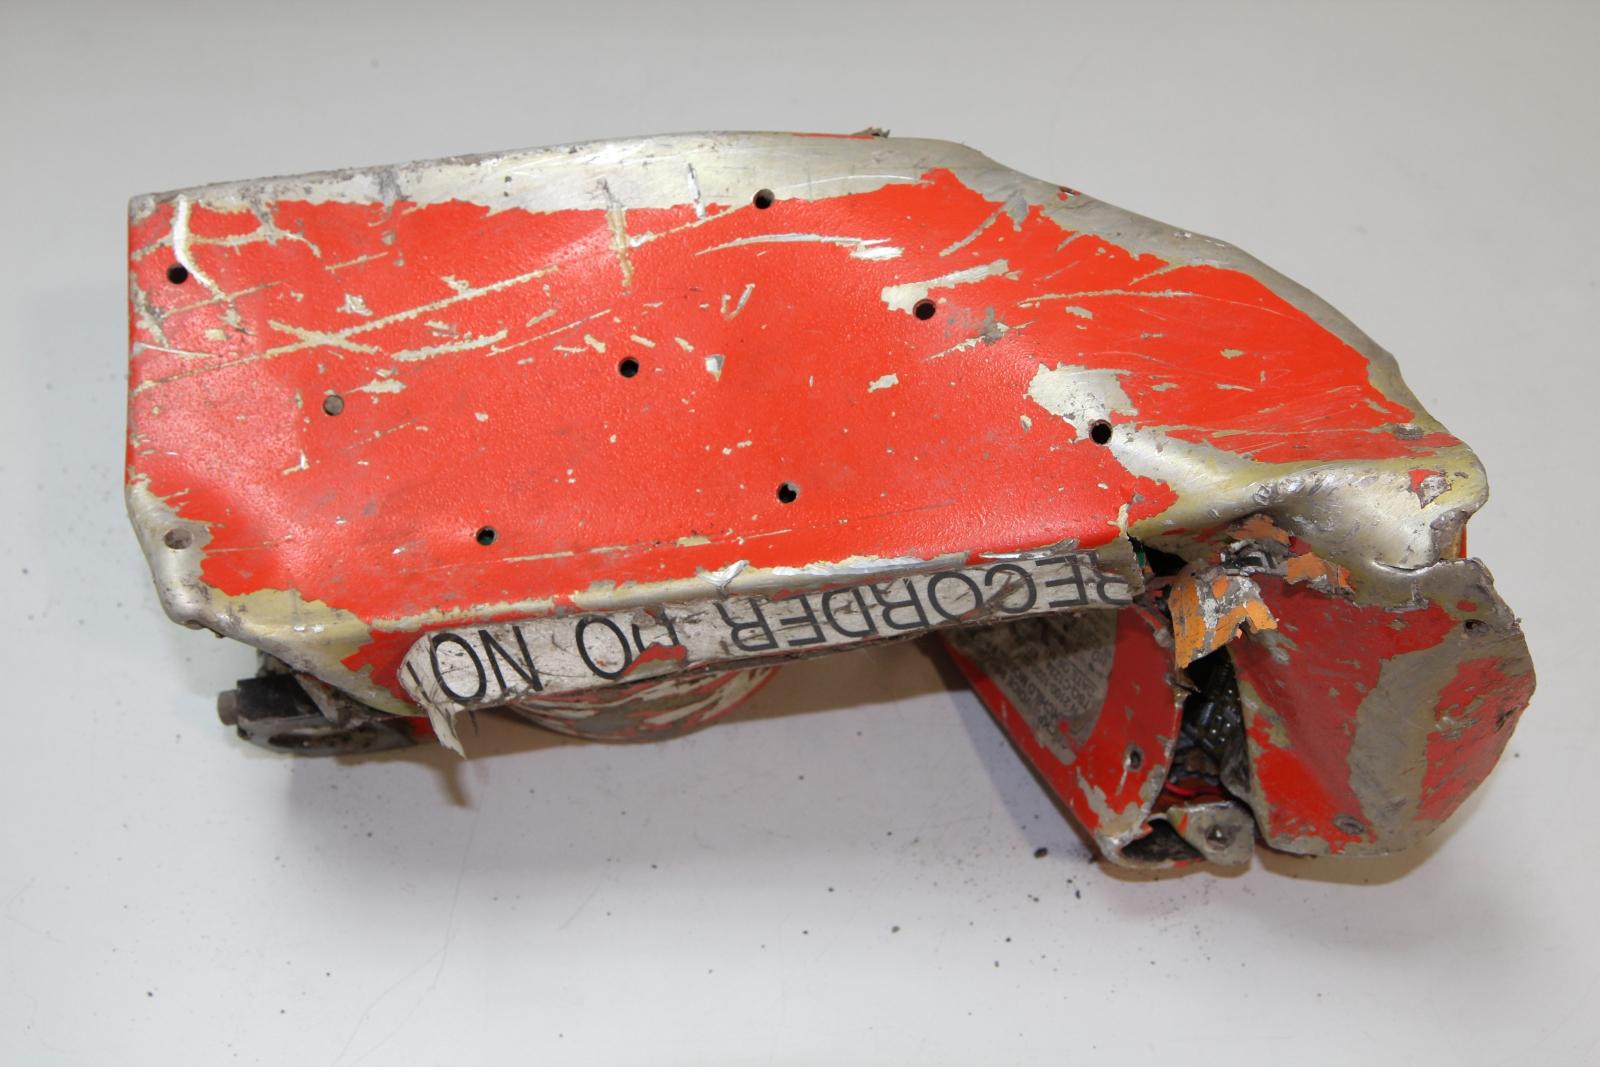 Germanwings black box 4U9525